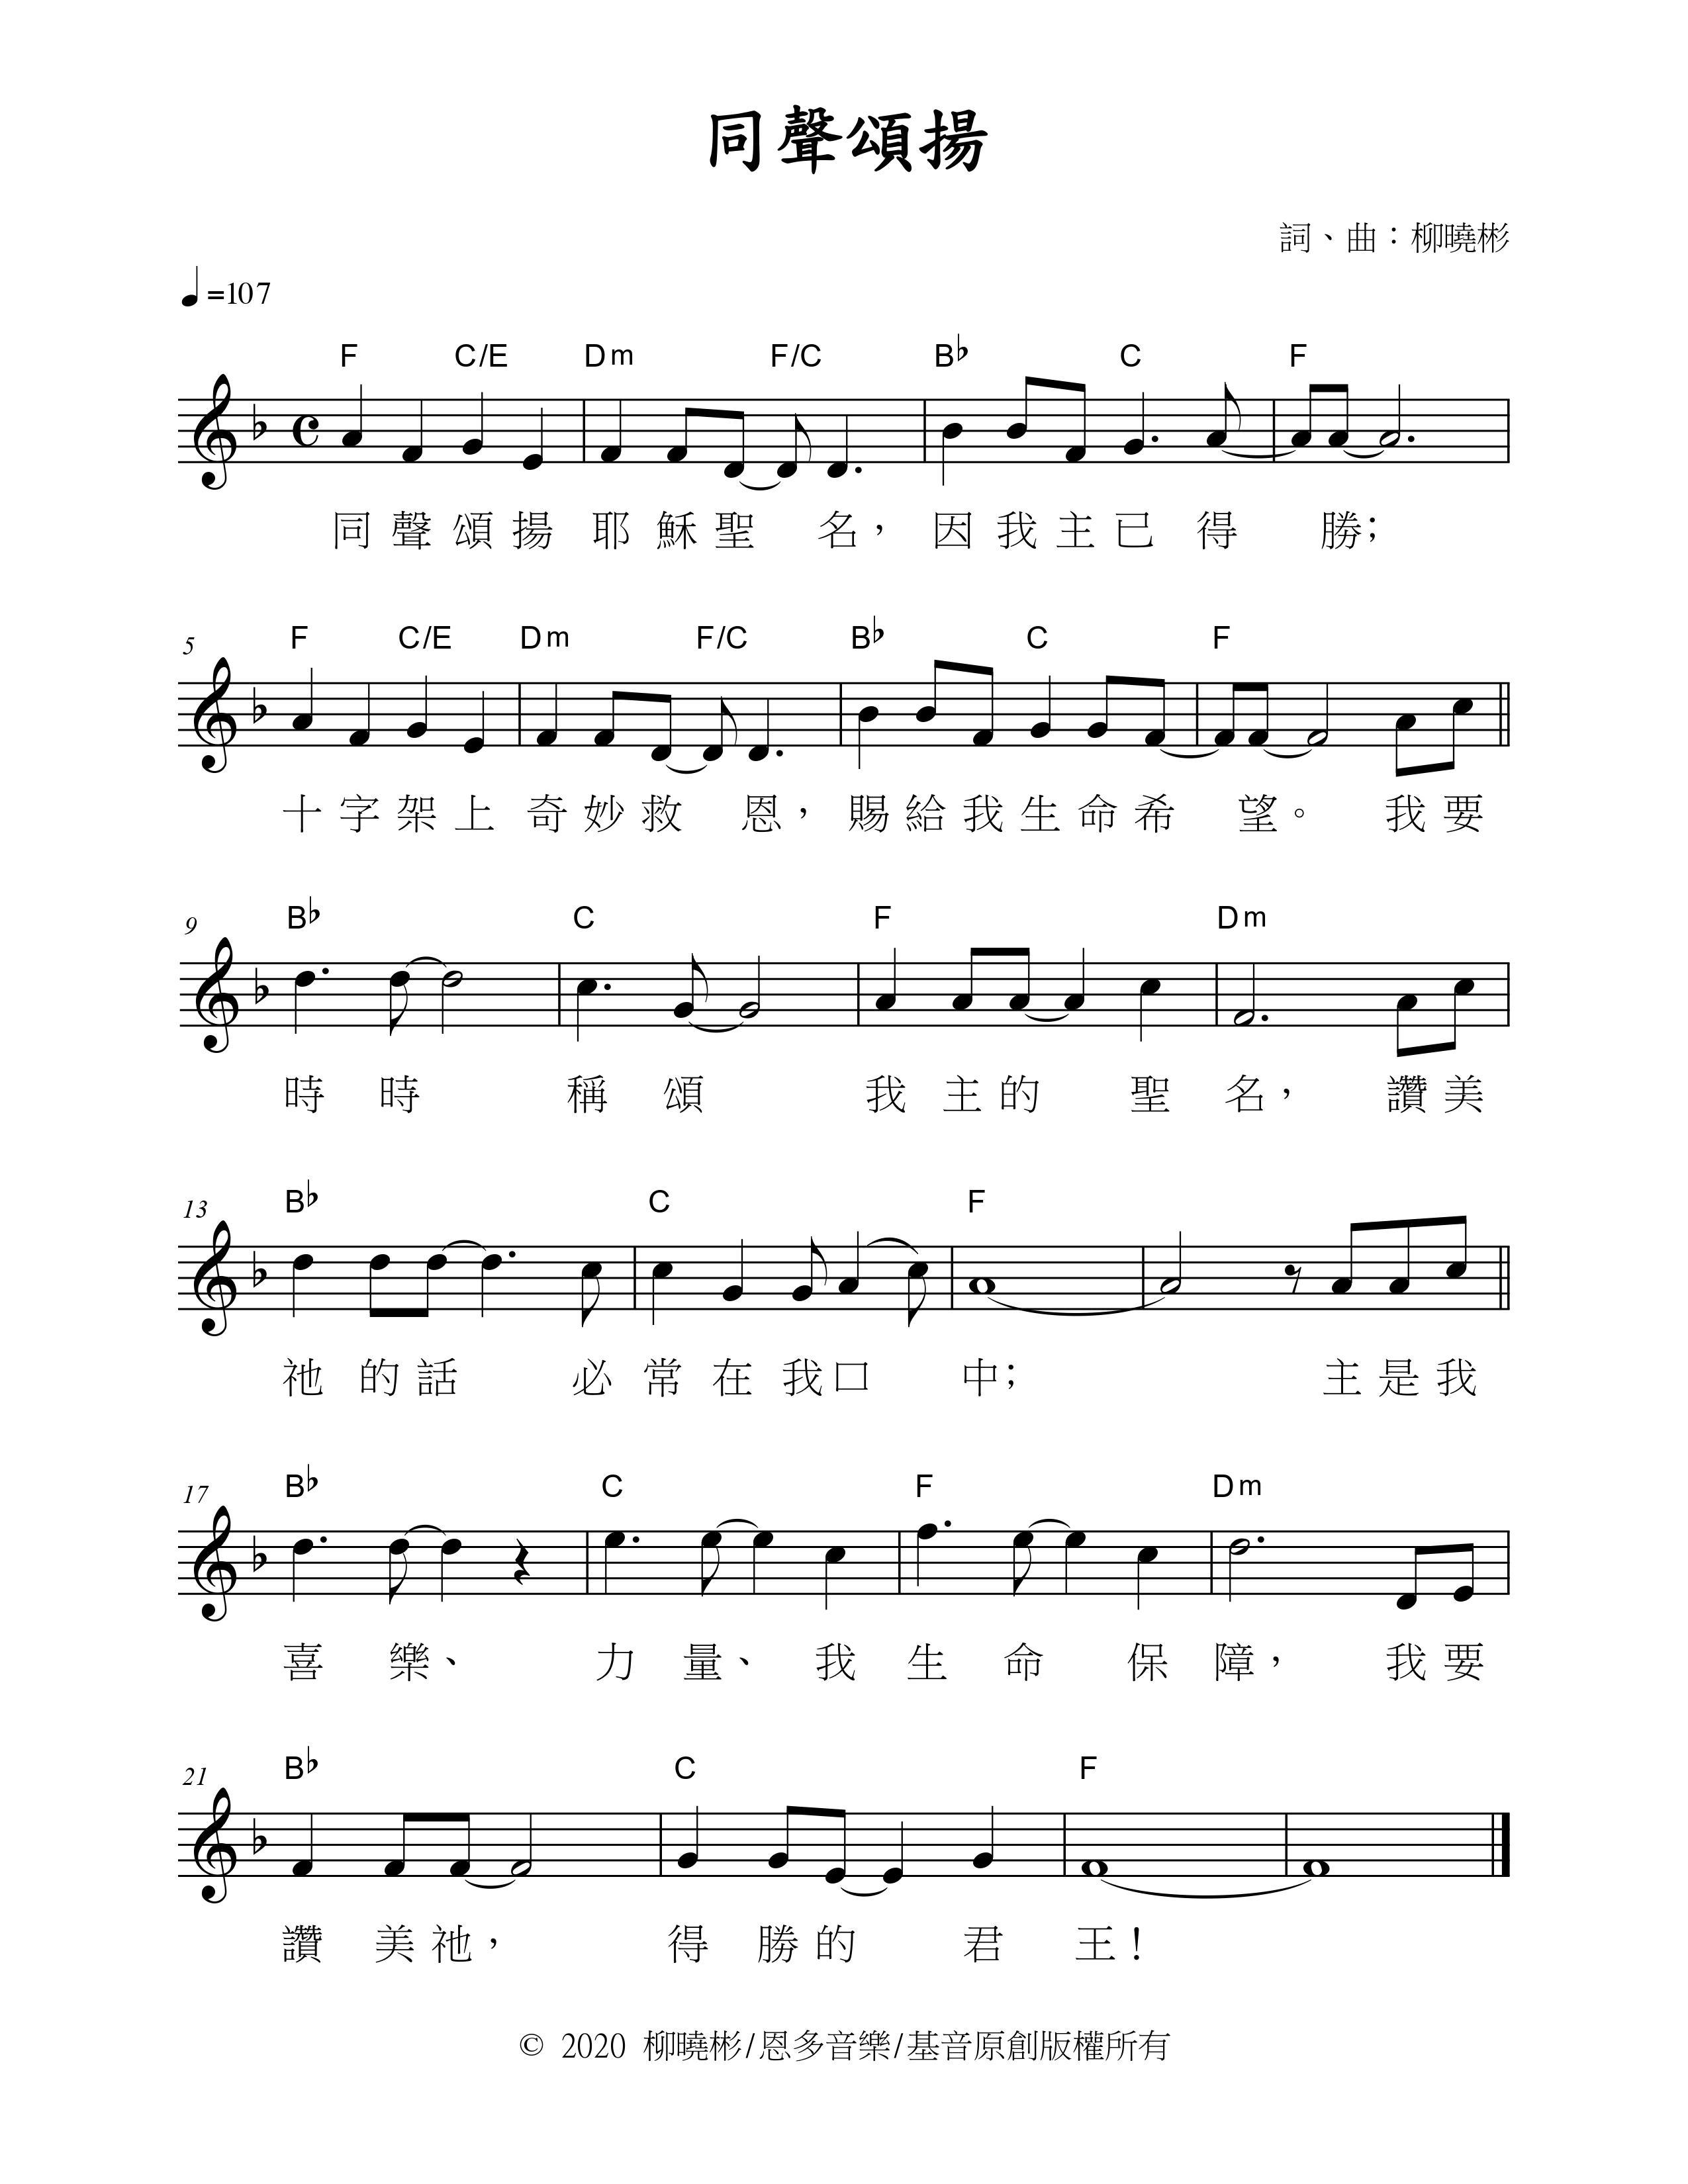 《同声颂扬 官方和弦五线谱》